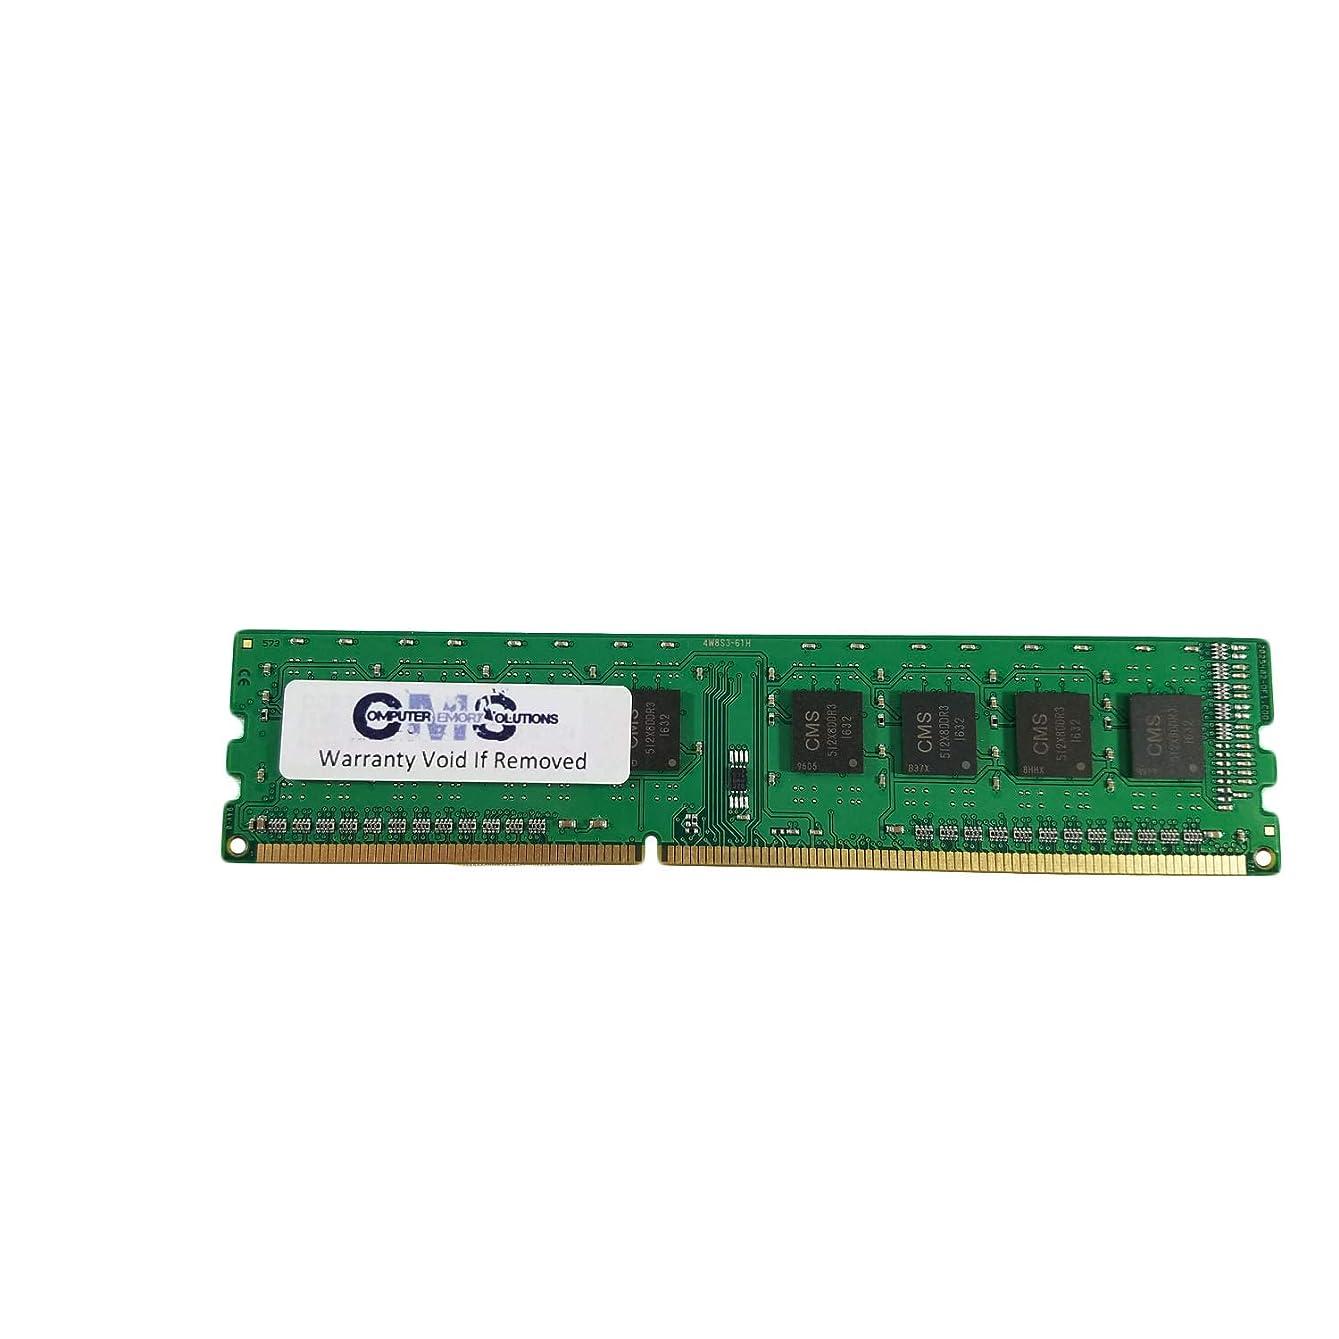 2Gb Ram Memory Compatible with Compaq Presario Cq5320F Cq5320Y, Cq5321Fr-M, Cq5325Es, Cq5325Fr (A80) imrwsc192733